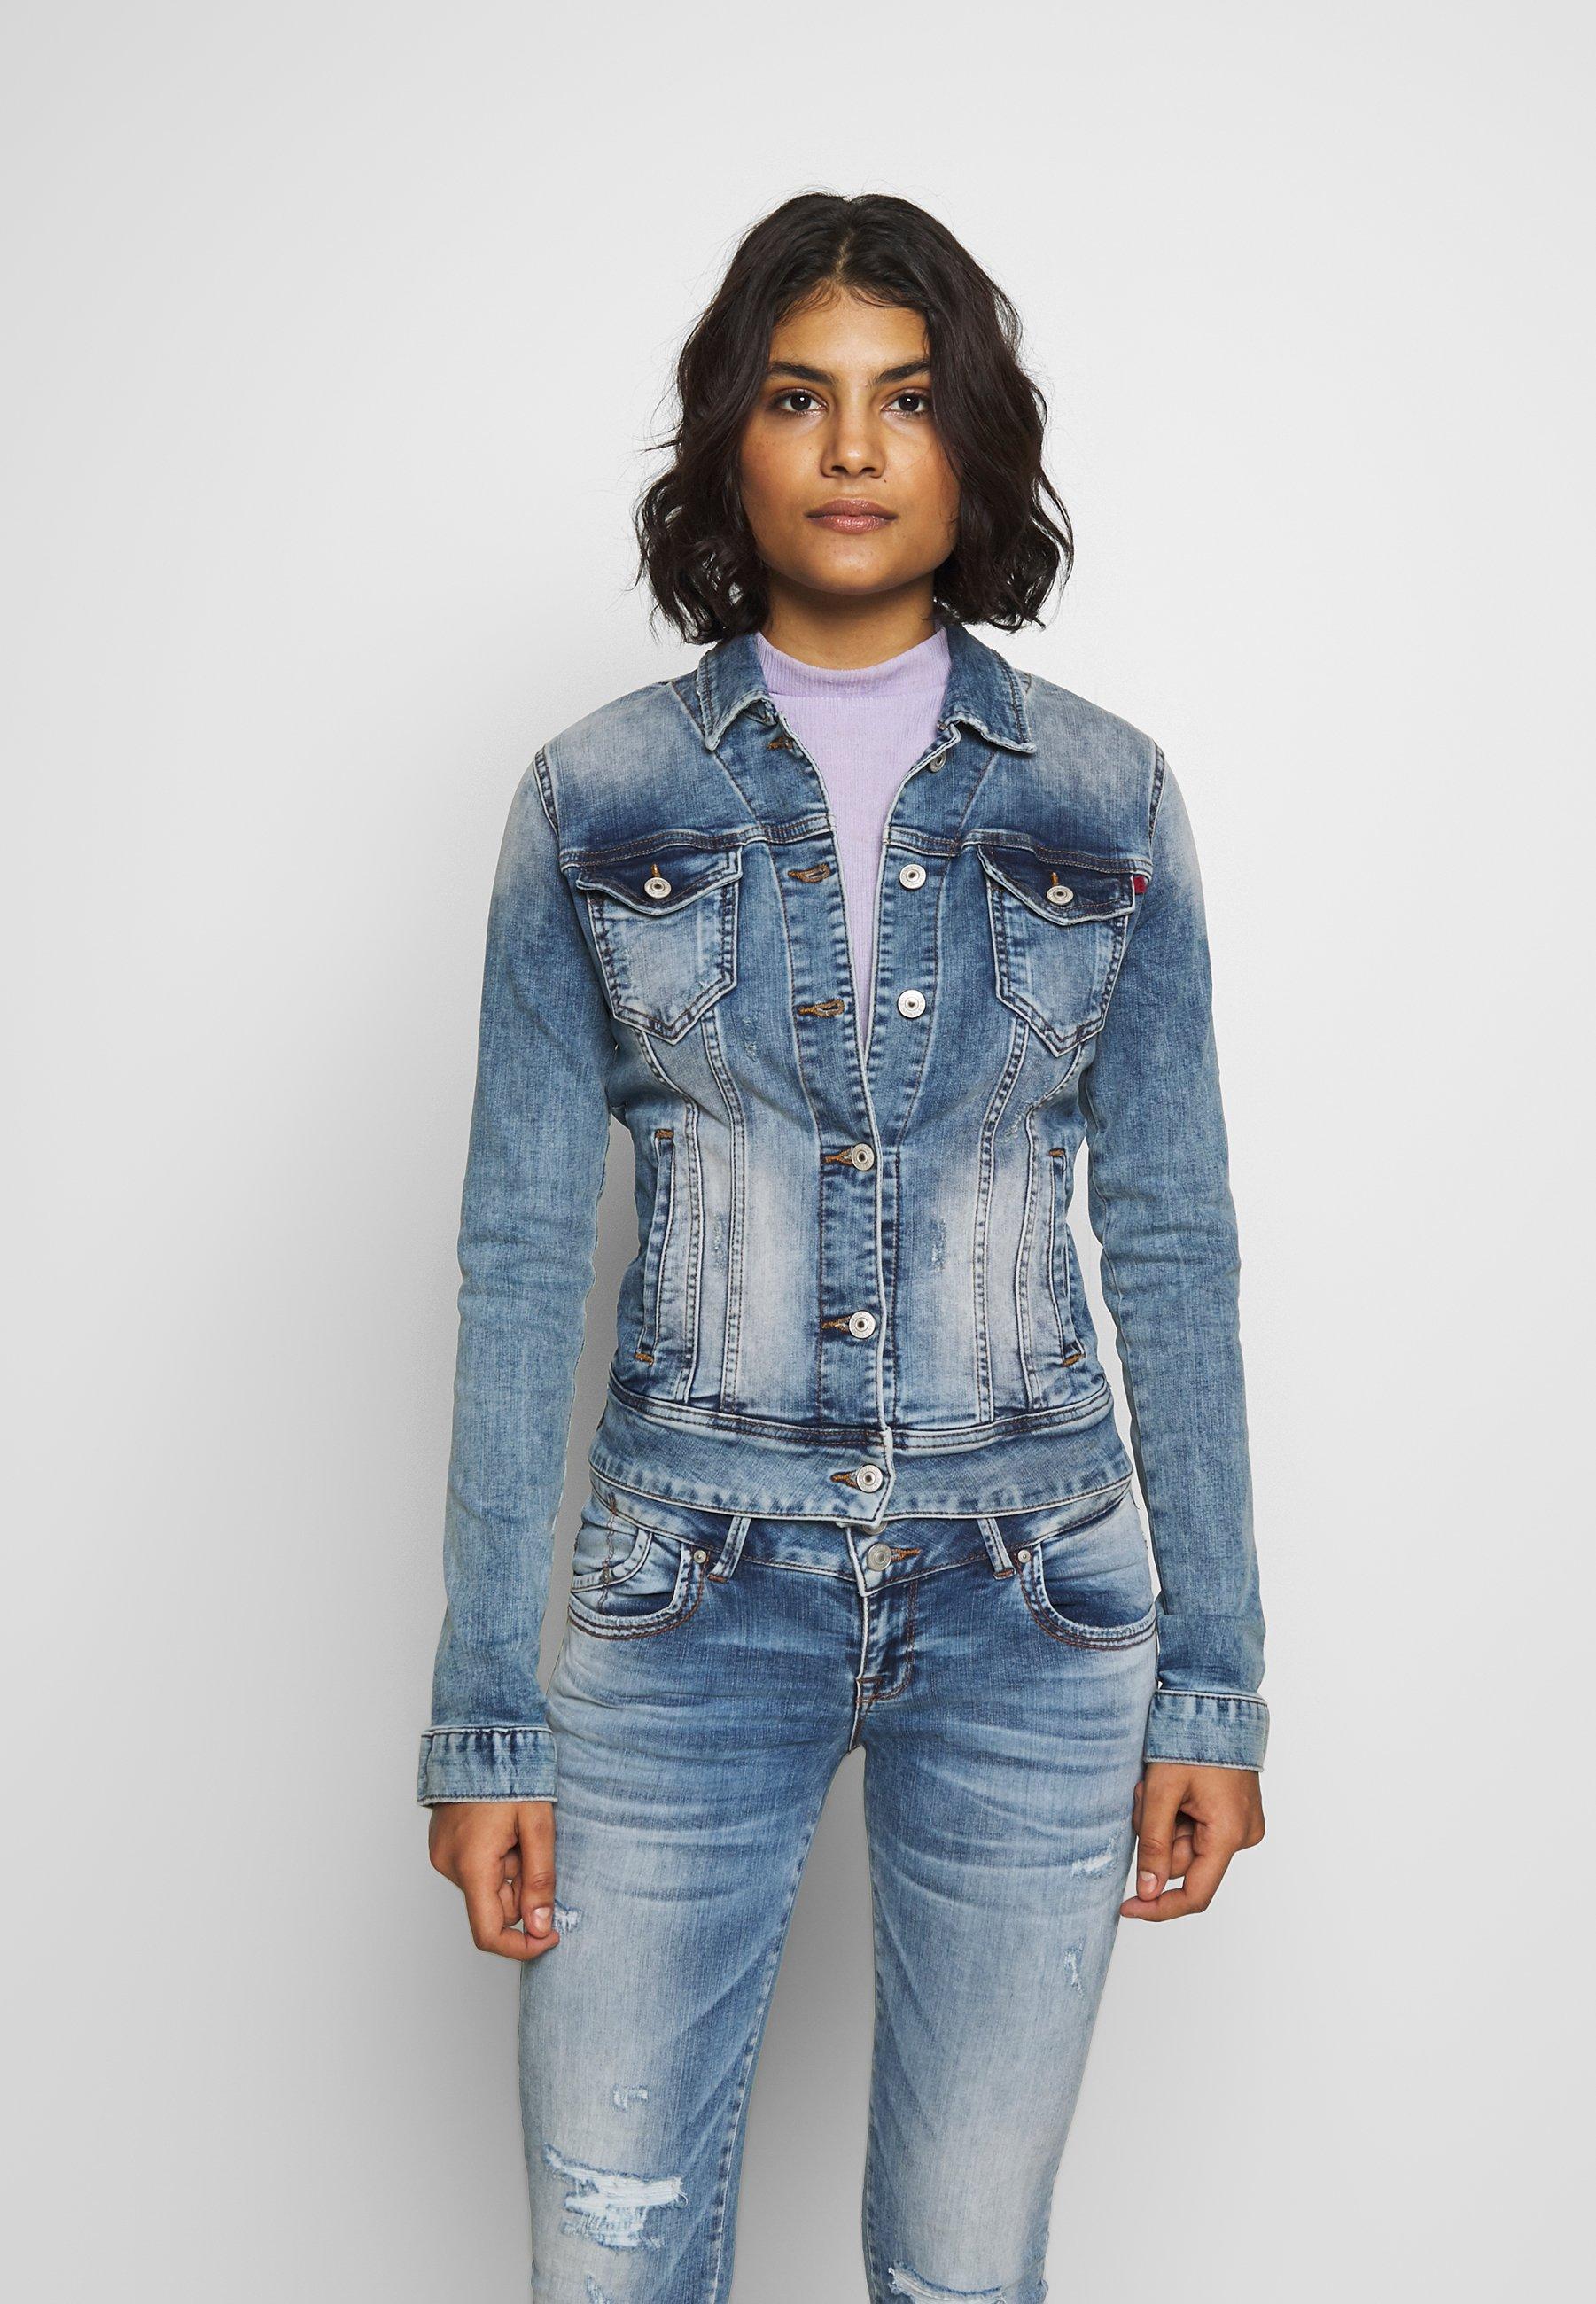 Discount Women's Clothing LTB DEAN X Denim jacket akis wash cvLGDaRrN